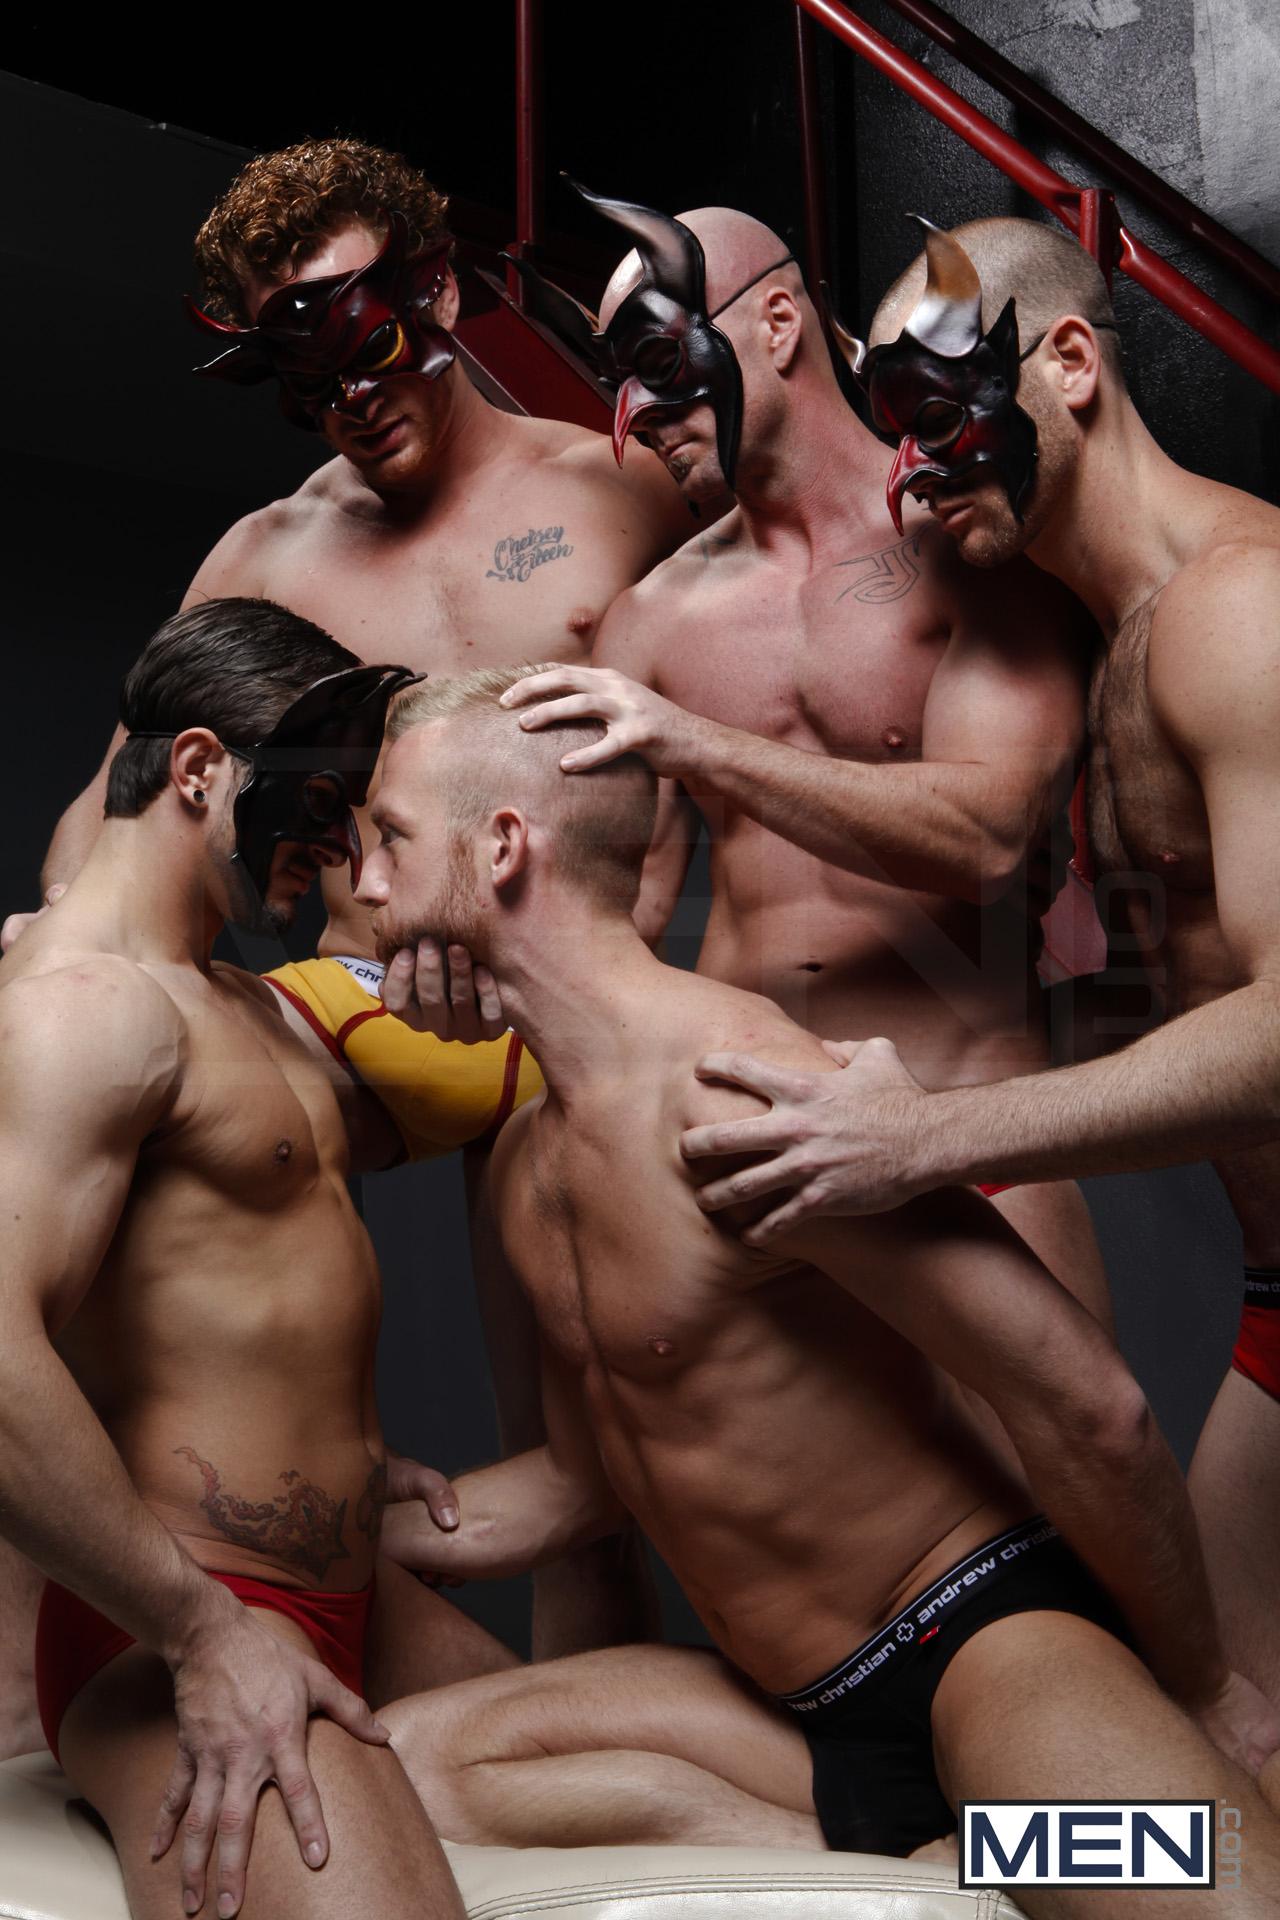 Orgy demon sex erotic clip